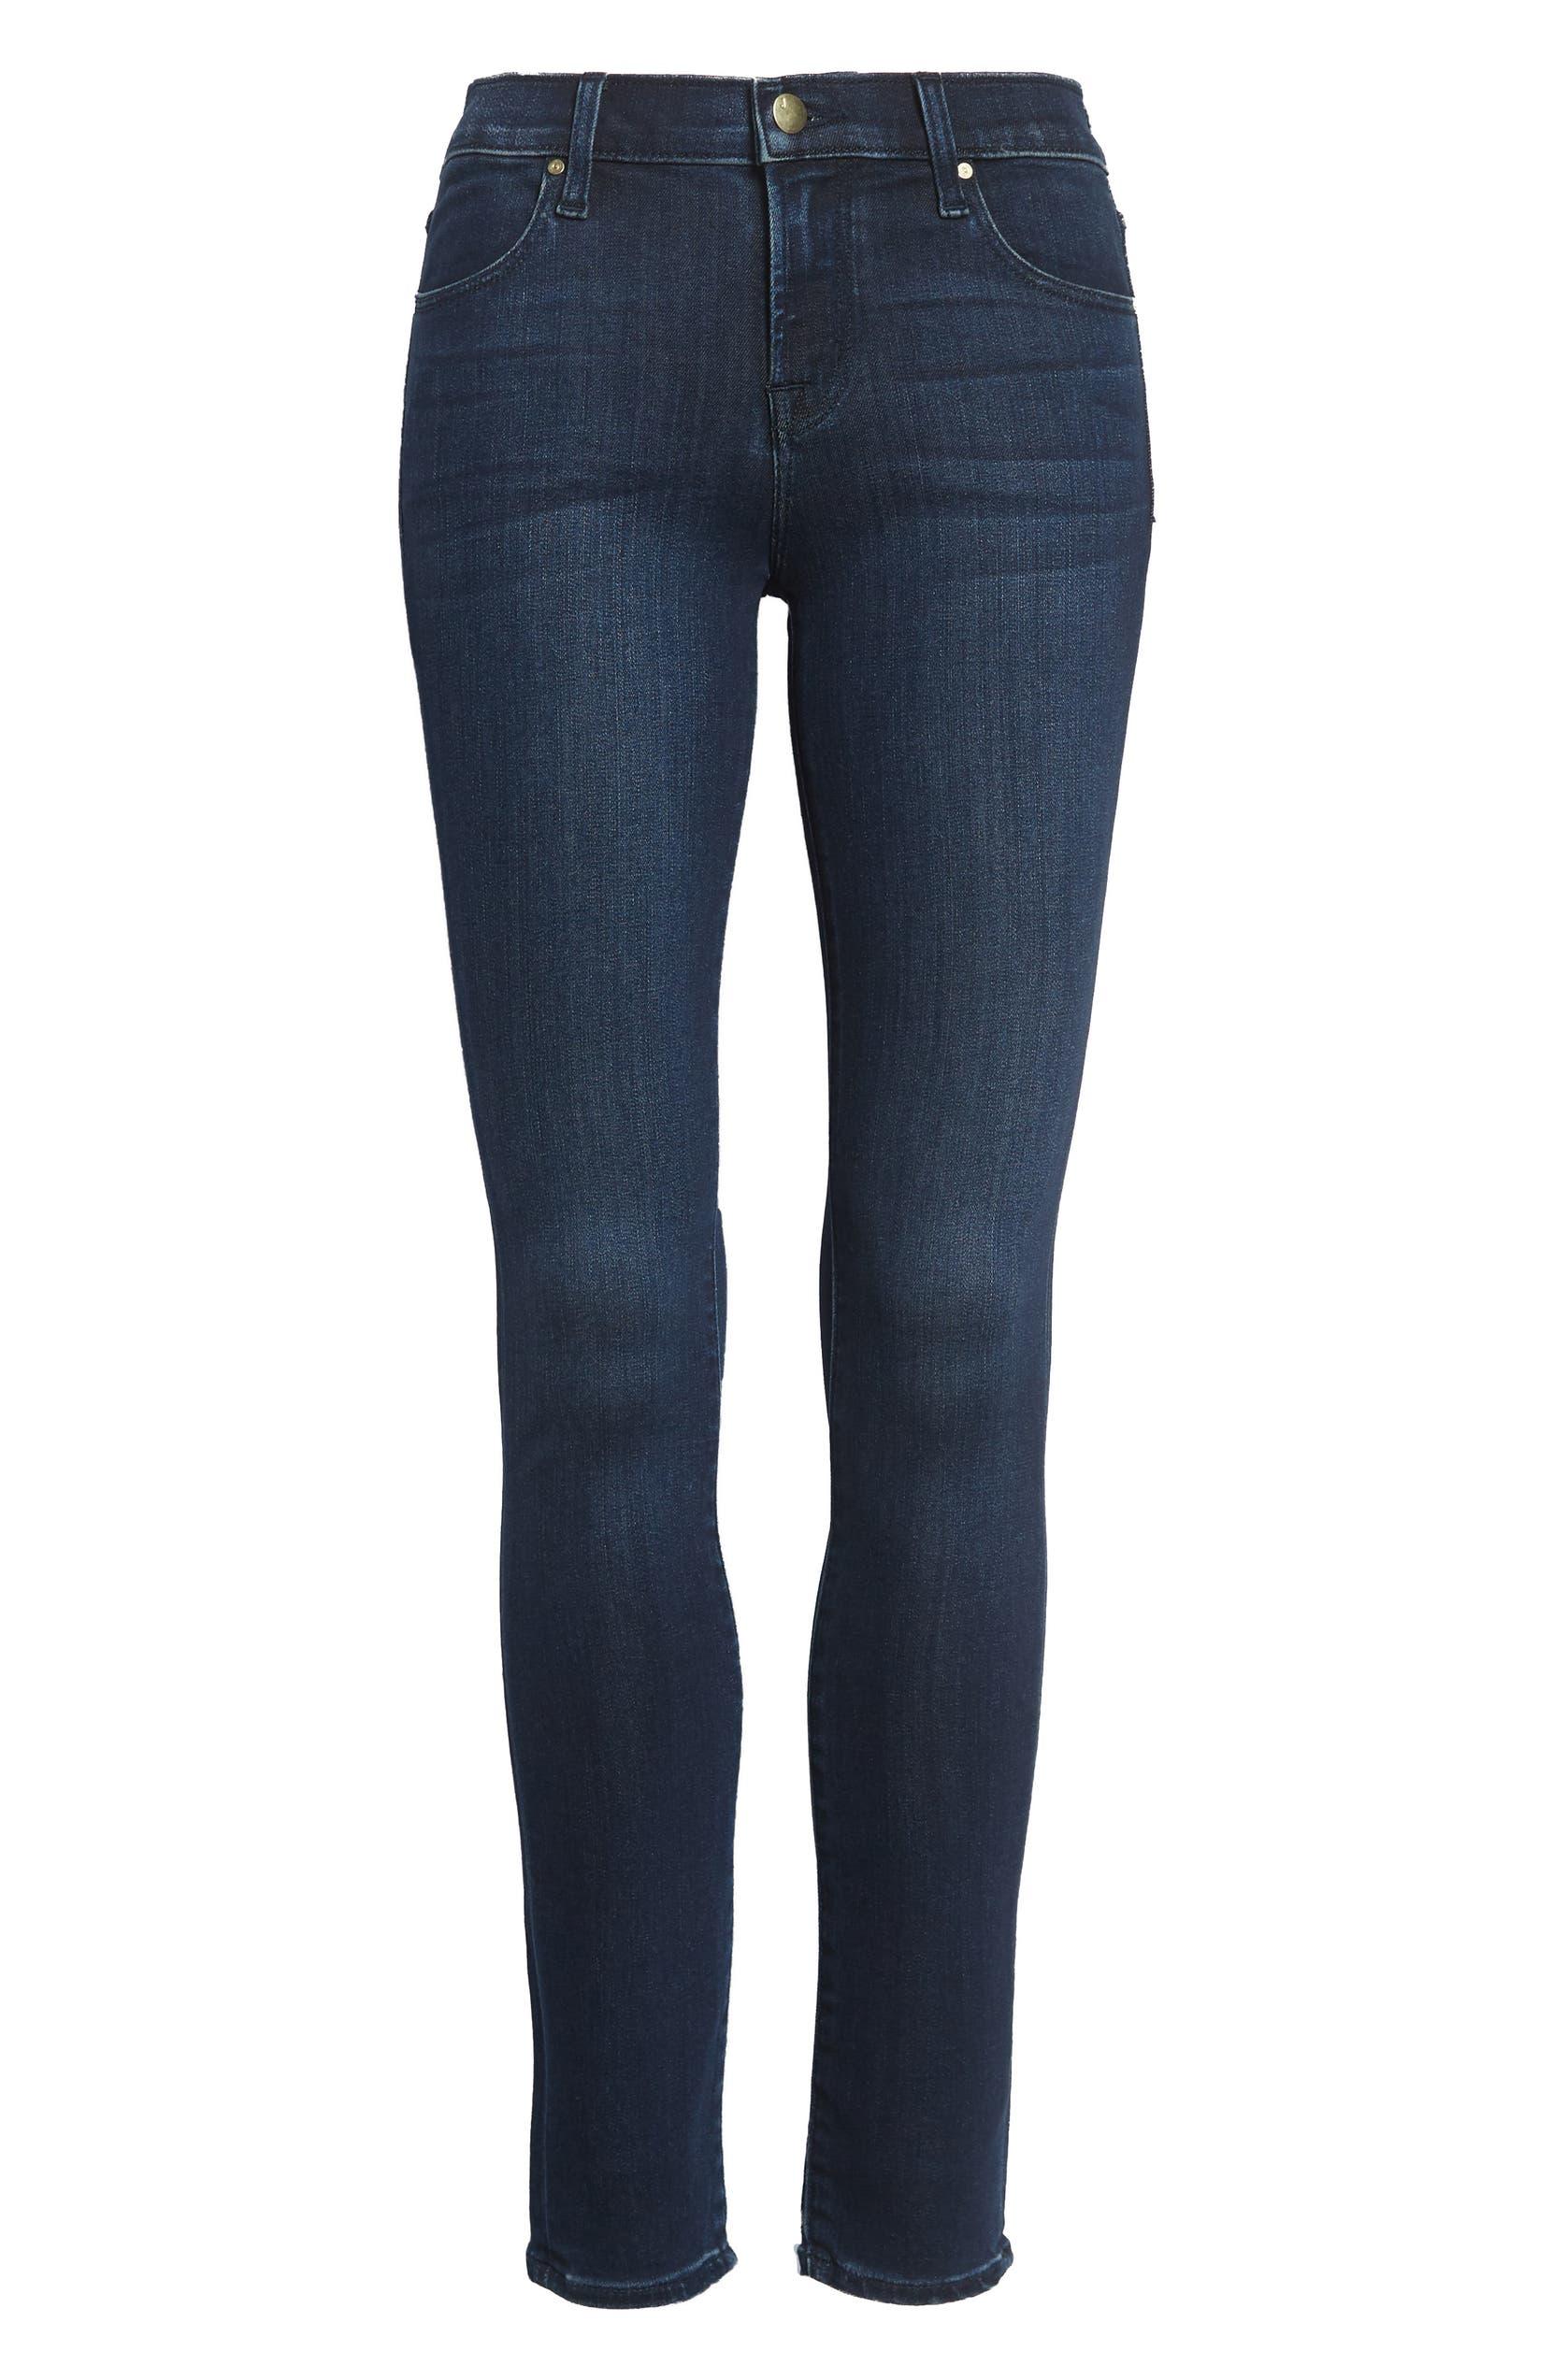 85d3a07af9e3 J Brand '620' Mid Rise Super Skinny Jeans (Fix)   Nordstrom